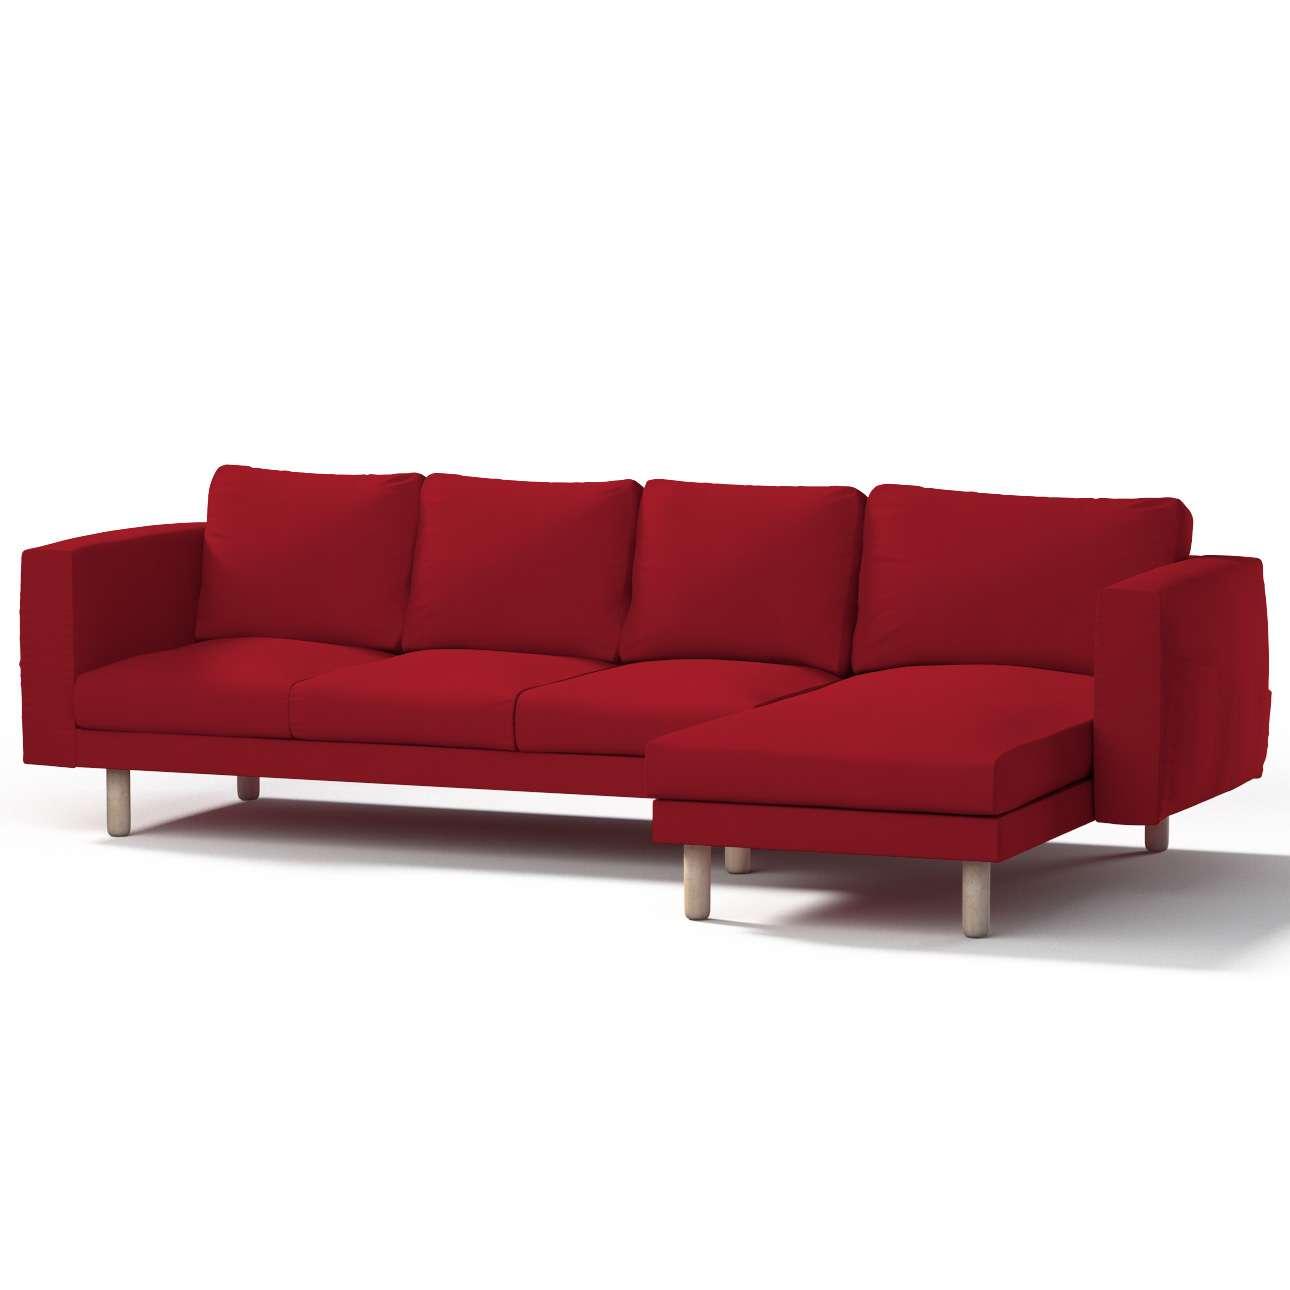 Pokrowiec na sofę Norsborg 4-osobową z szezlongiem w kolekcji Chenille, tkanina: 702-24